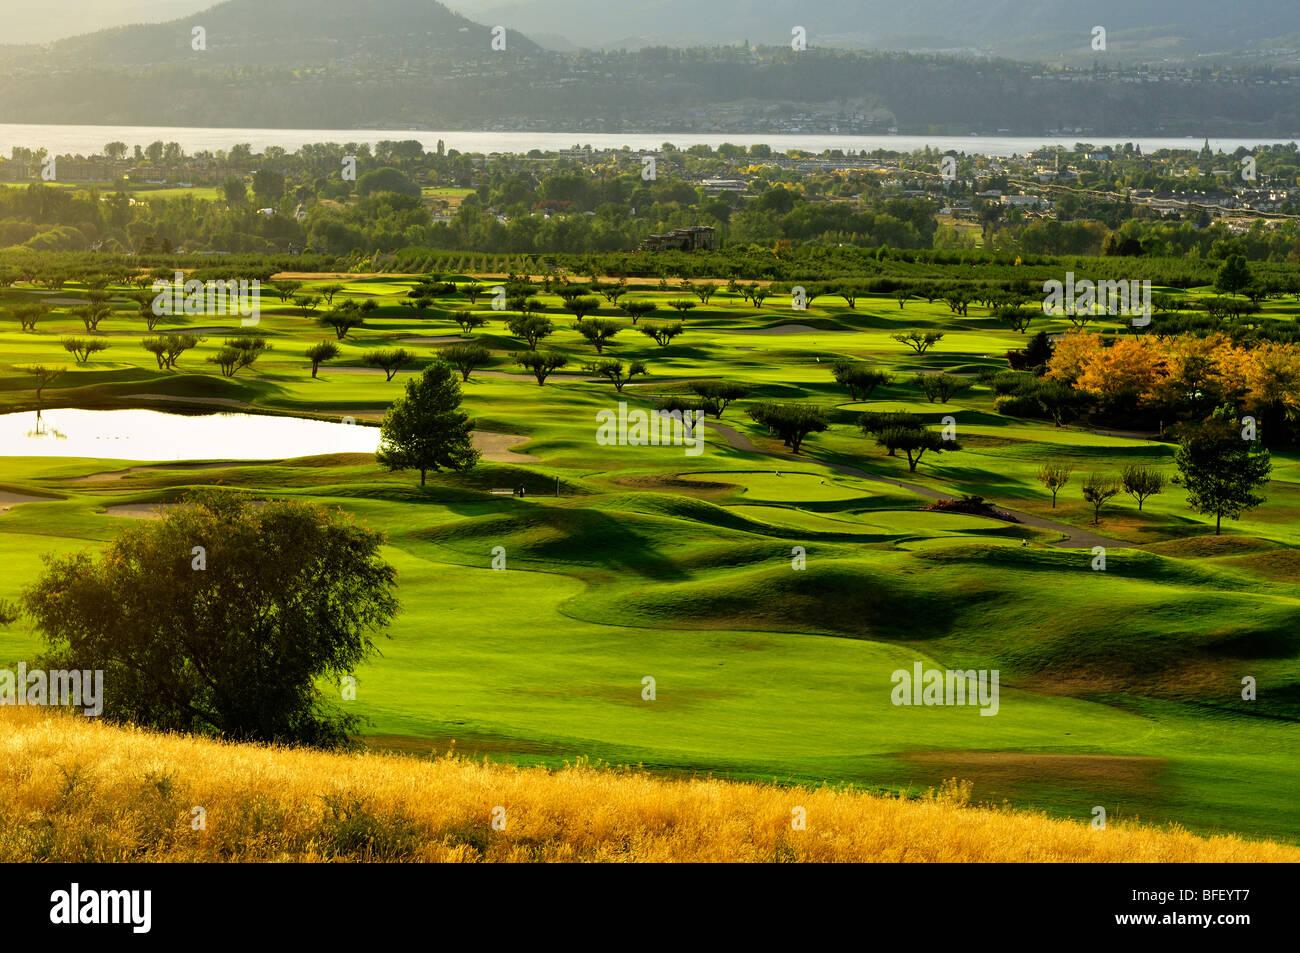 Obstgarten Green Golf Club in der Nähe von Kelowna, BC Stockbild